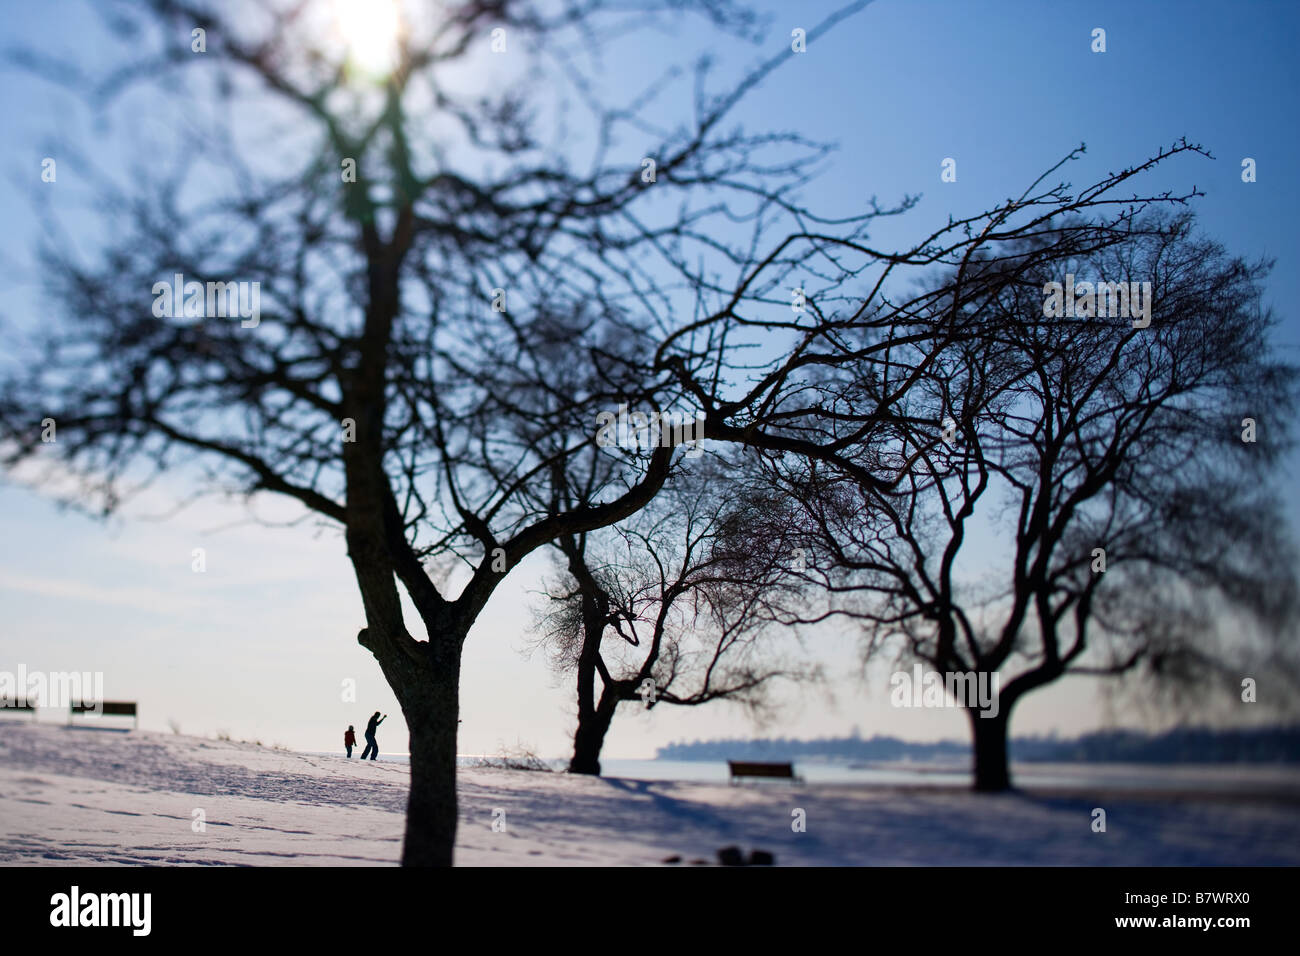 Arbres dans un parc avec un père et son fils, en sautant des rochers de West Haven CT USA au cours de l'hiver Photo Stock